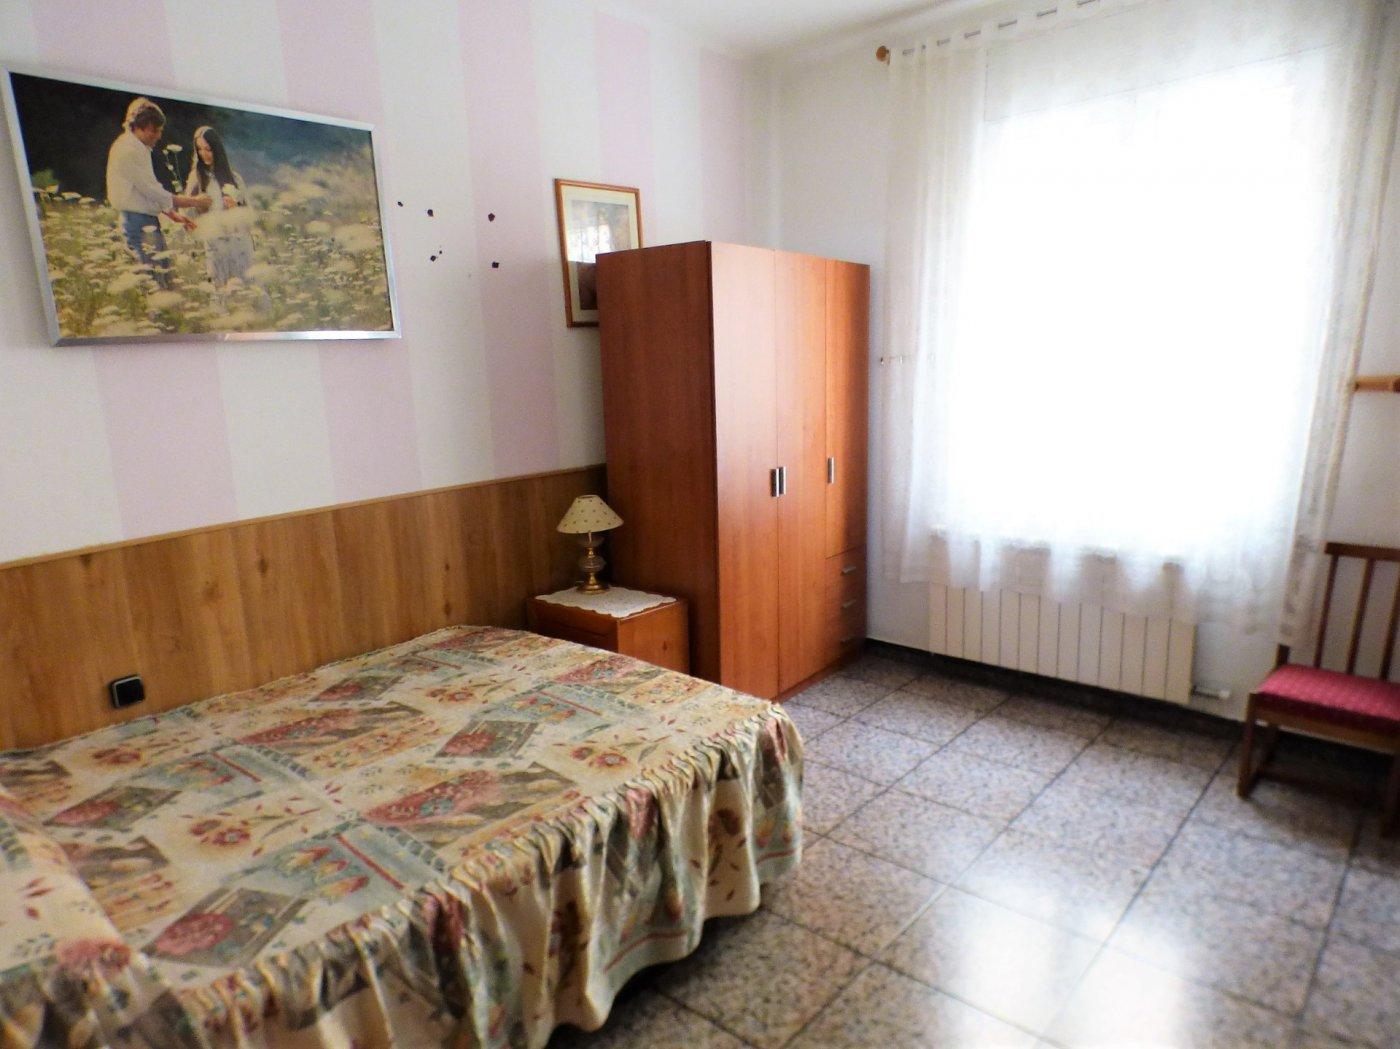 Piso · Manresa · Sagrada Familia 68.000€€